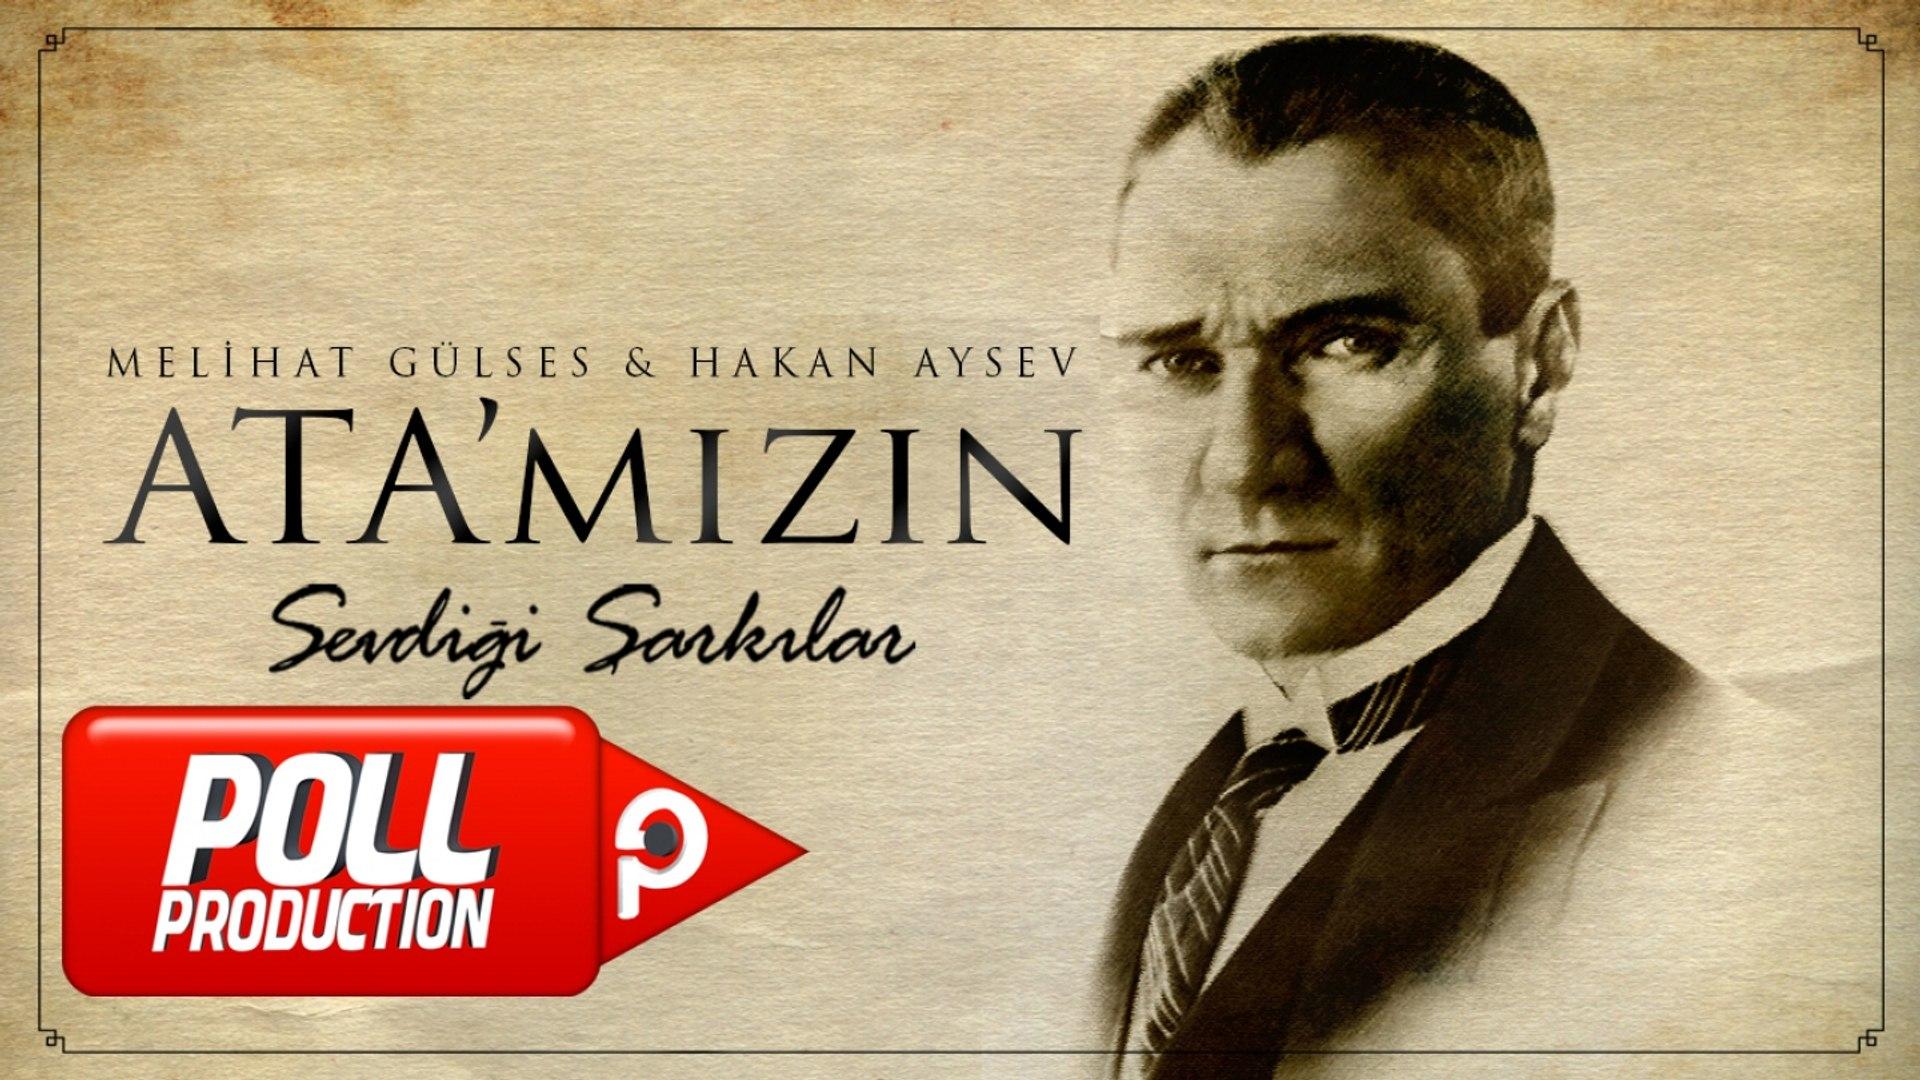 Hakan Aysev - Çanakkale Türküsü - (Official Audio)